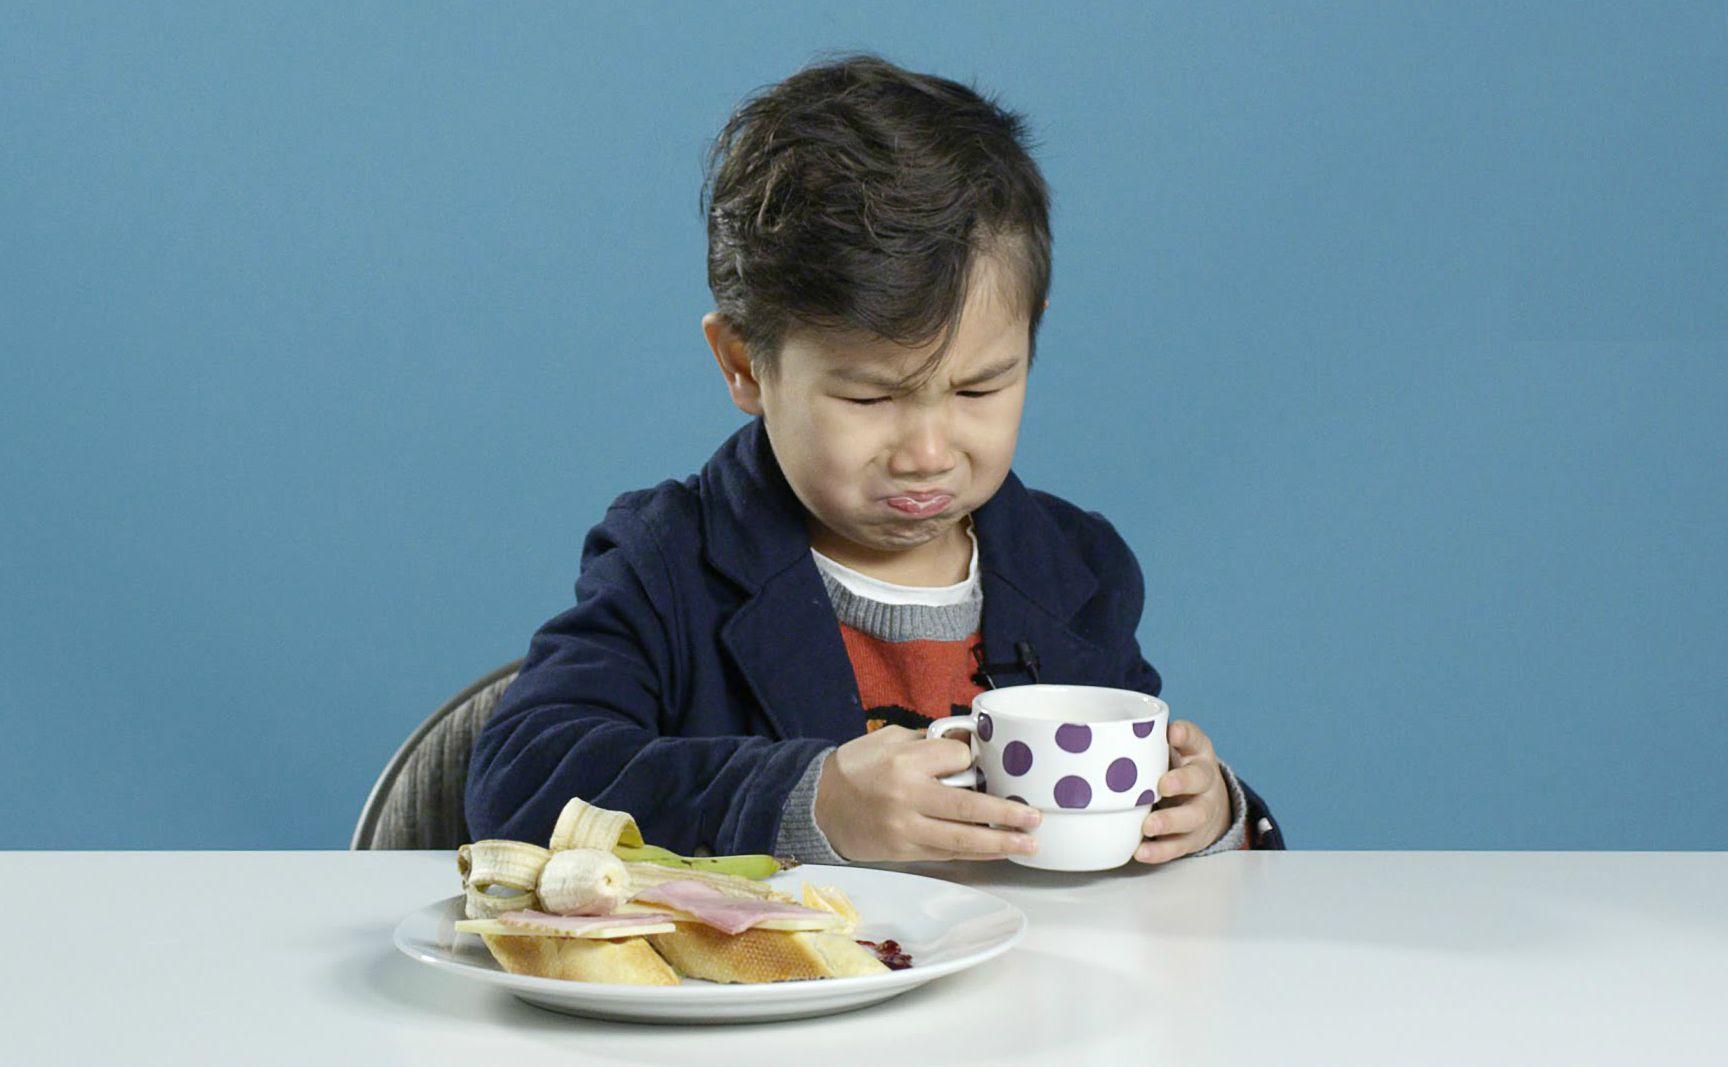 【隔離飯香?】美國小朋友試食世界各地早餐